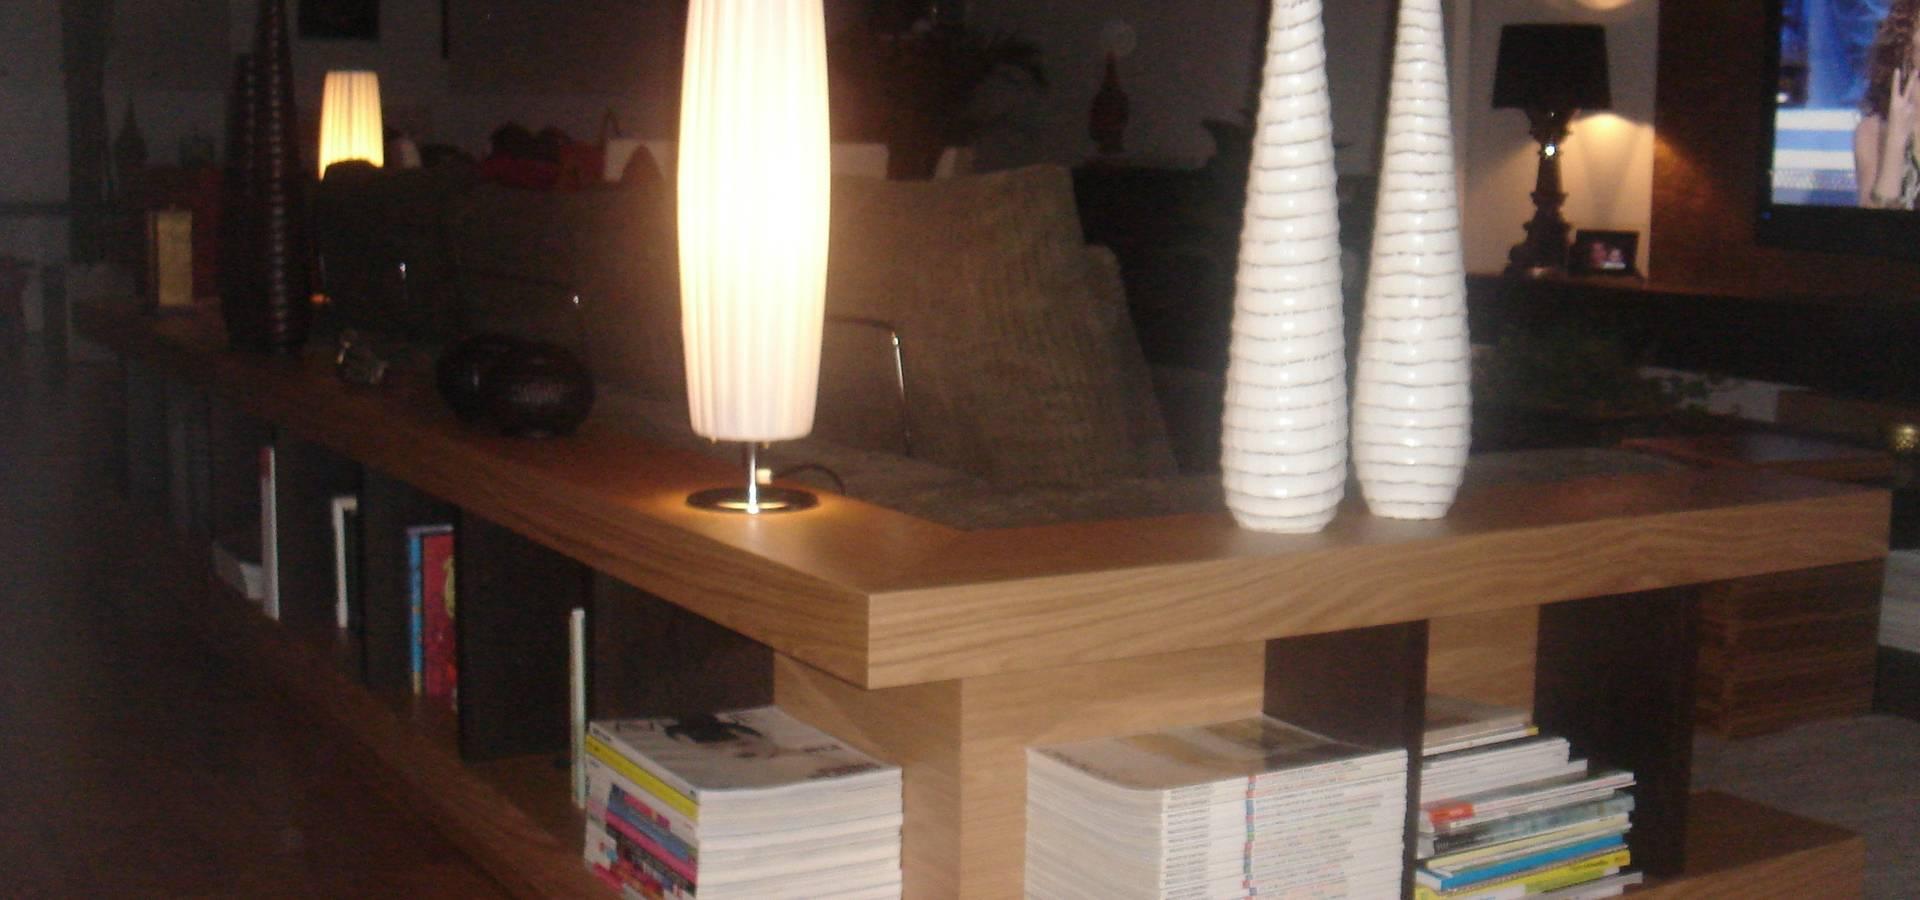 Dekmak interiores armarios y fabricaci n de muebles en - Muebles en viladecans ...